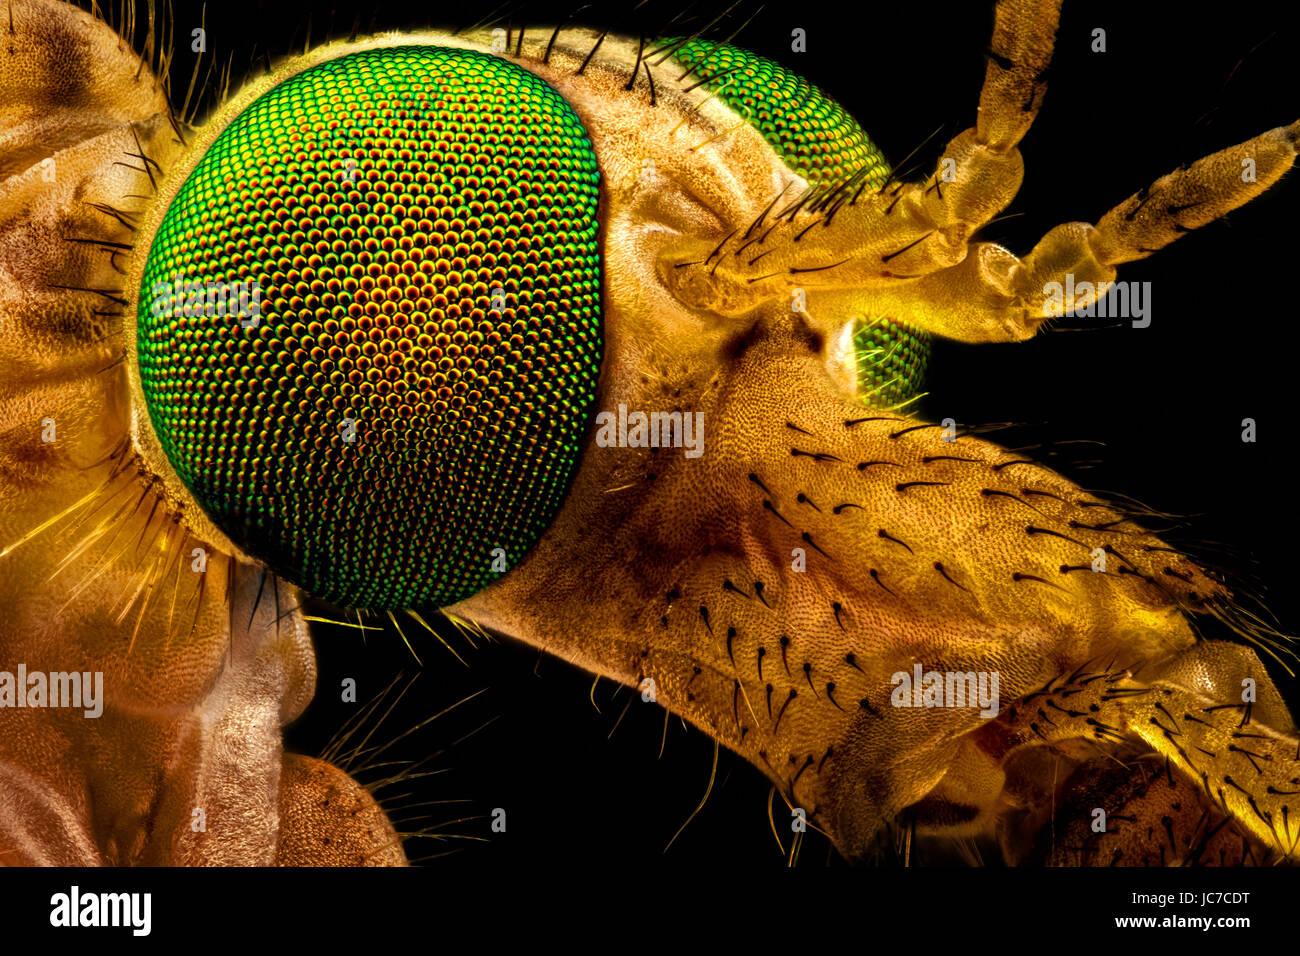 Macro estreme - Ritratto di una green eyed gru fly, amplificati attraverso un obiettivo del microscopio (larghezza Immagini Stock